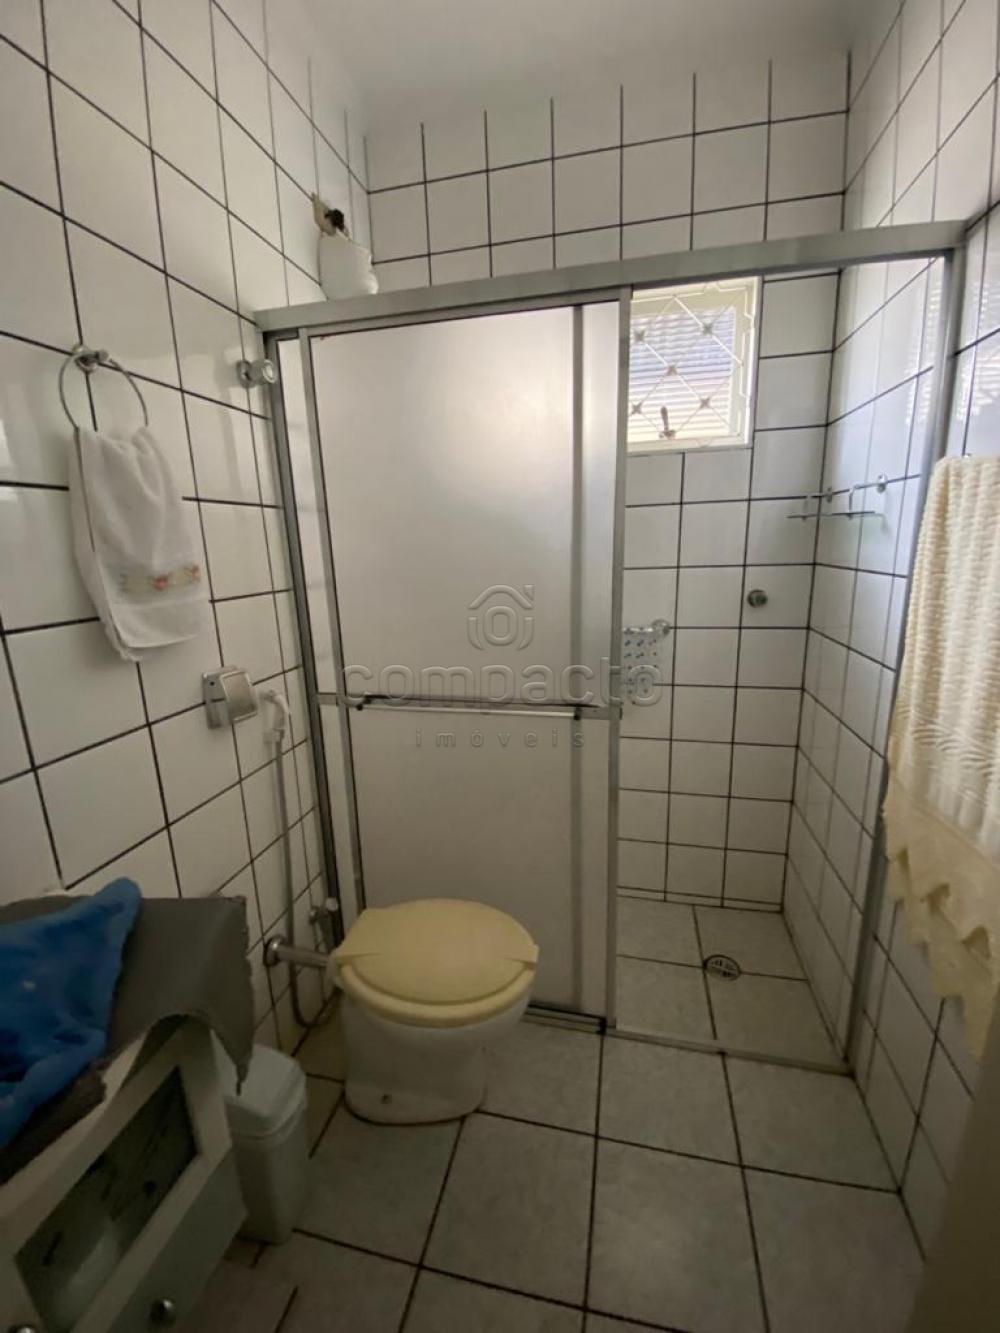 Comprar Casa / Padrão em São José do Rio Preto apenas R$ 290.000,00 - Foto 7